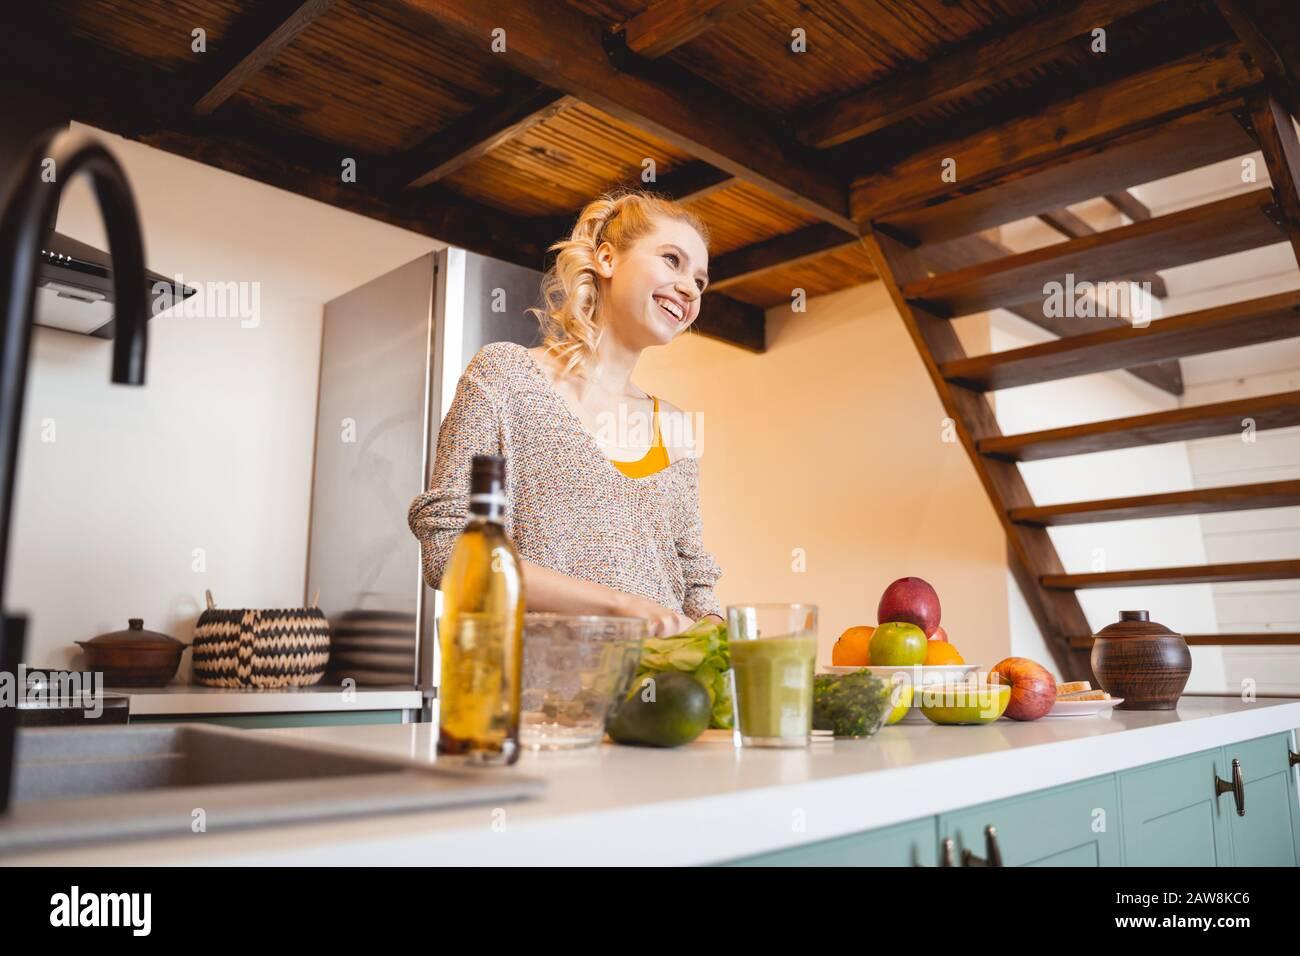 Glückliche junge Frau genießen ihr Zuhause Wochenende Stockfoto